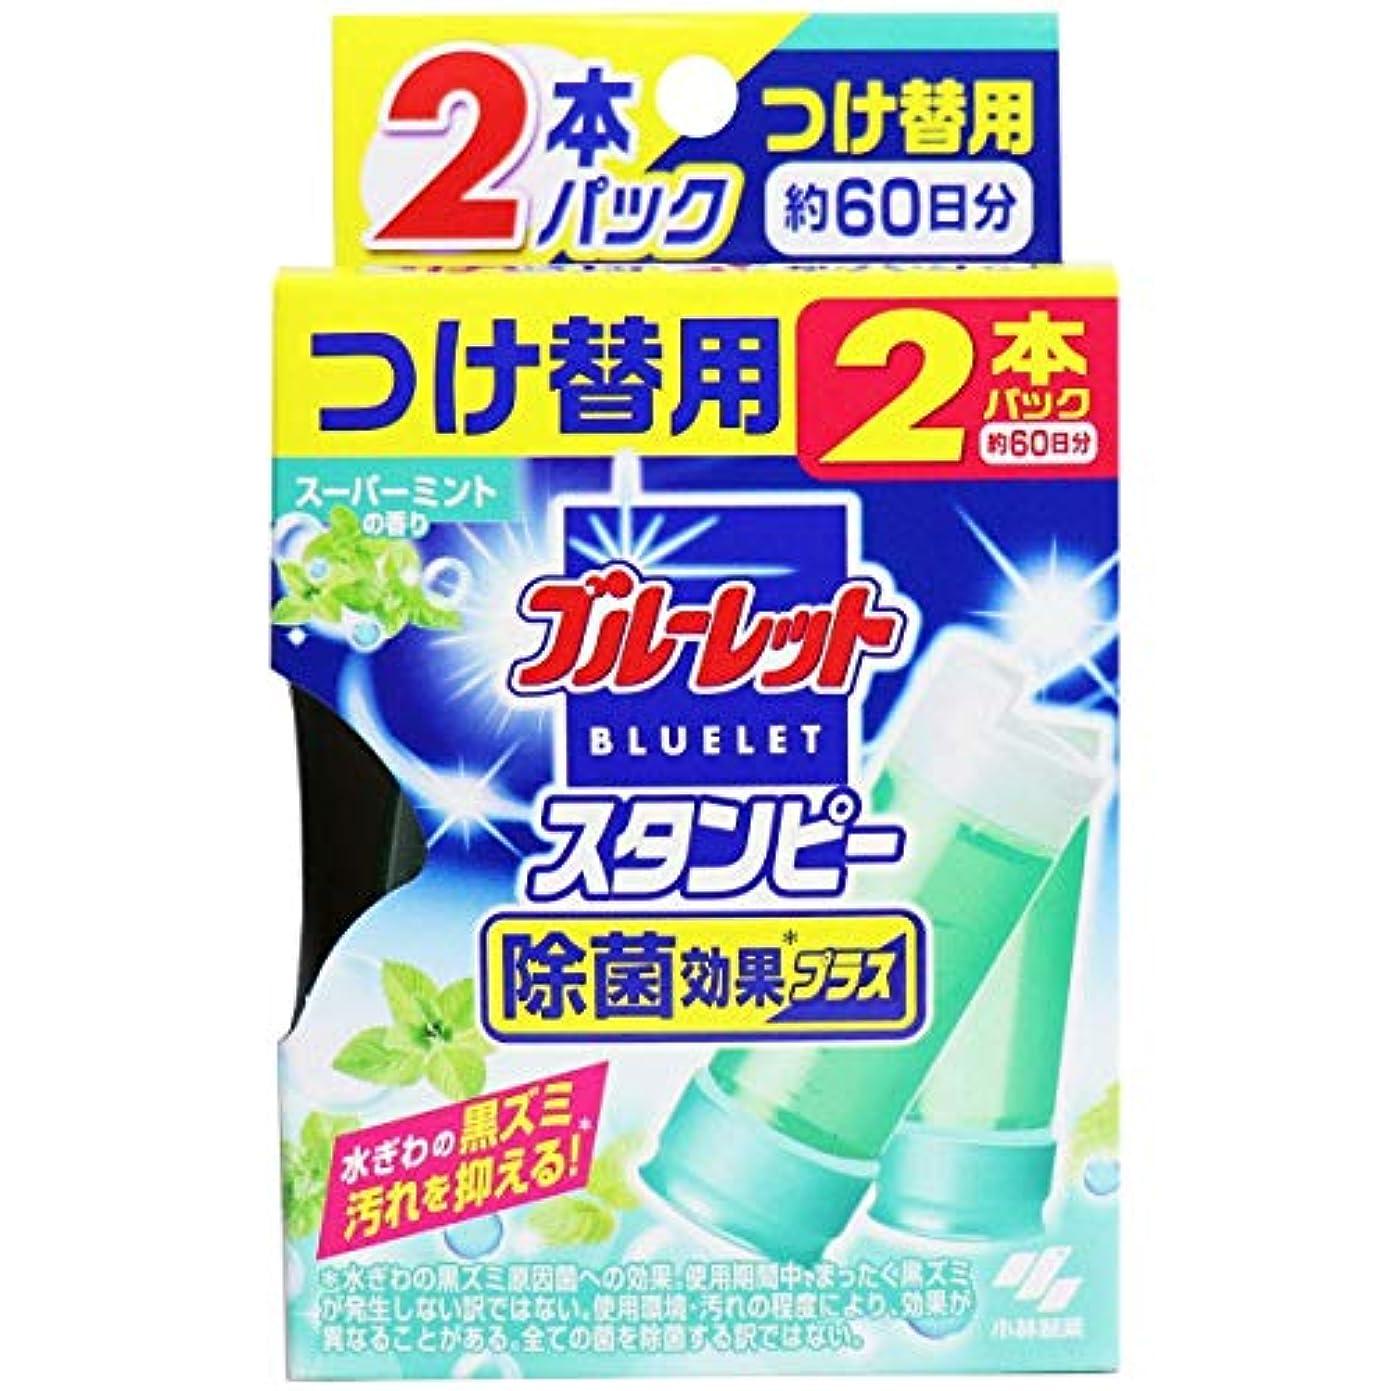 甘やかす汗眠いです小林製薬 ブルーレットスタンピー トイレ洗浄剤 除菌効果プラススーパーミント つけ替用